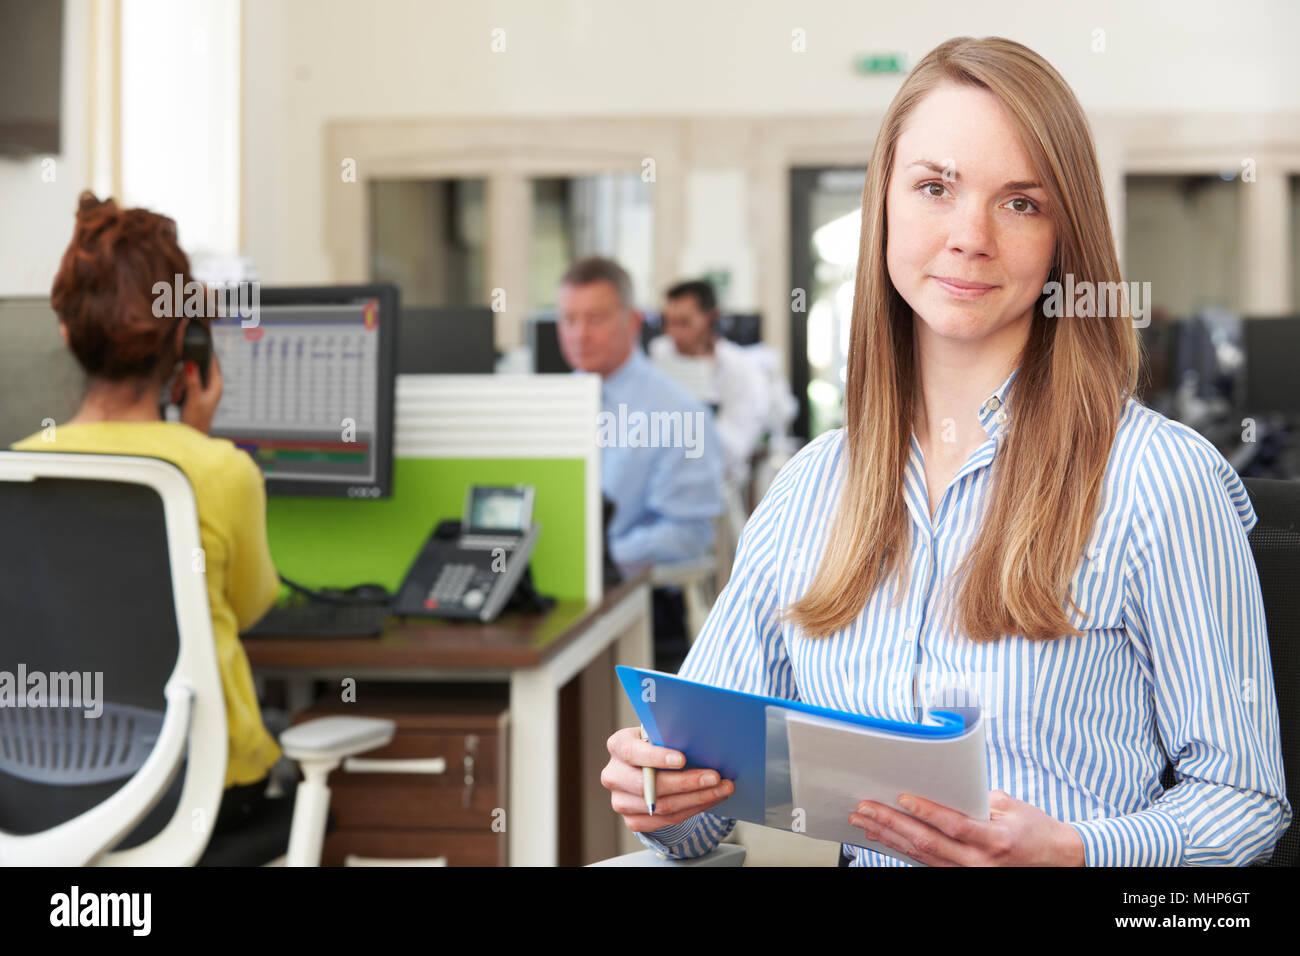 Portrait Of Businesswoman étudier en rapport Bureau Moderne Occupé Photo Stock